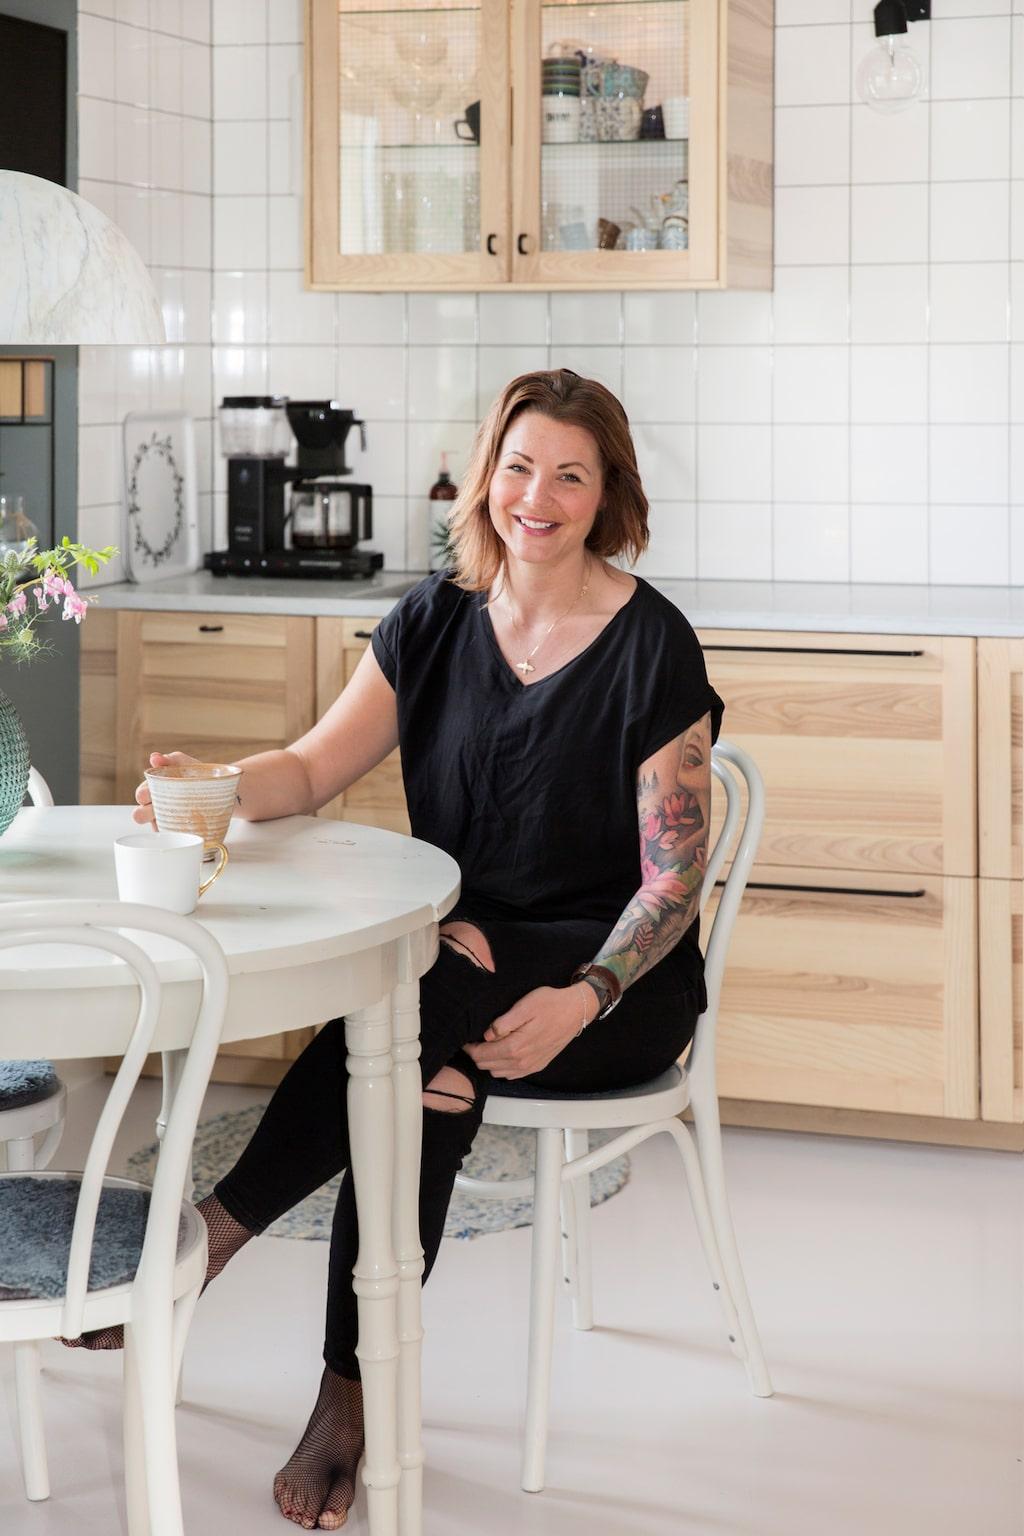 I vitrinskåpet över köksbänken samlar Lindie på vackra glas och muggar. Uddadukning gör det bara hemtrevligare och mer avslappnat för gästerna.